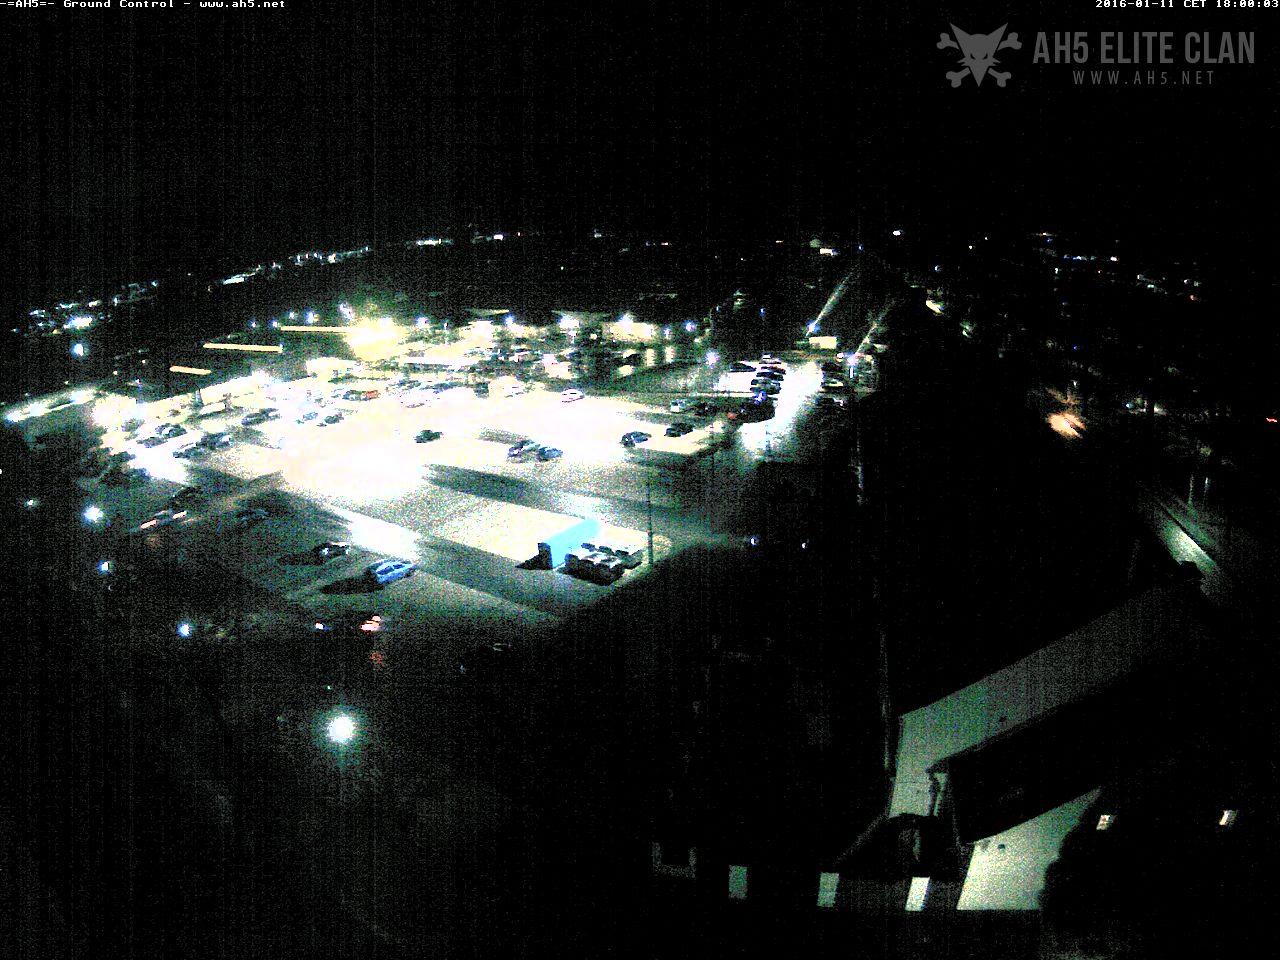 Webcam Bad Arolsen